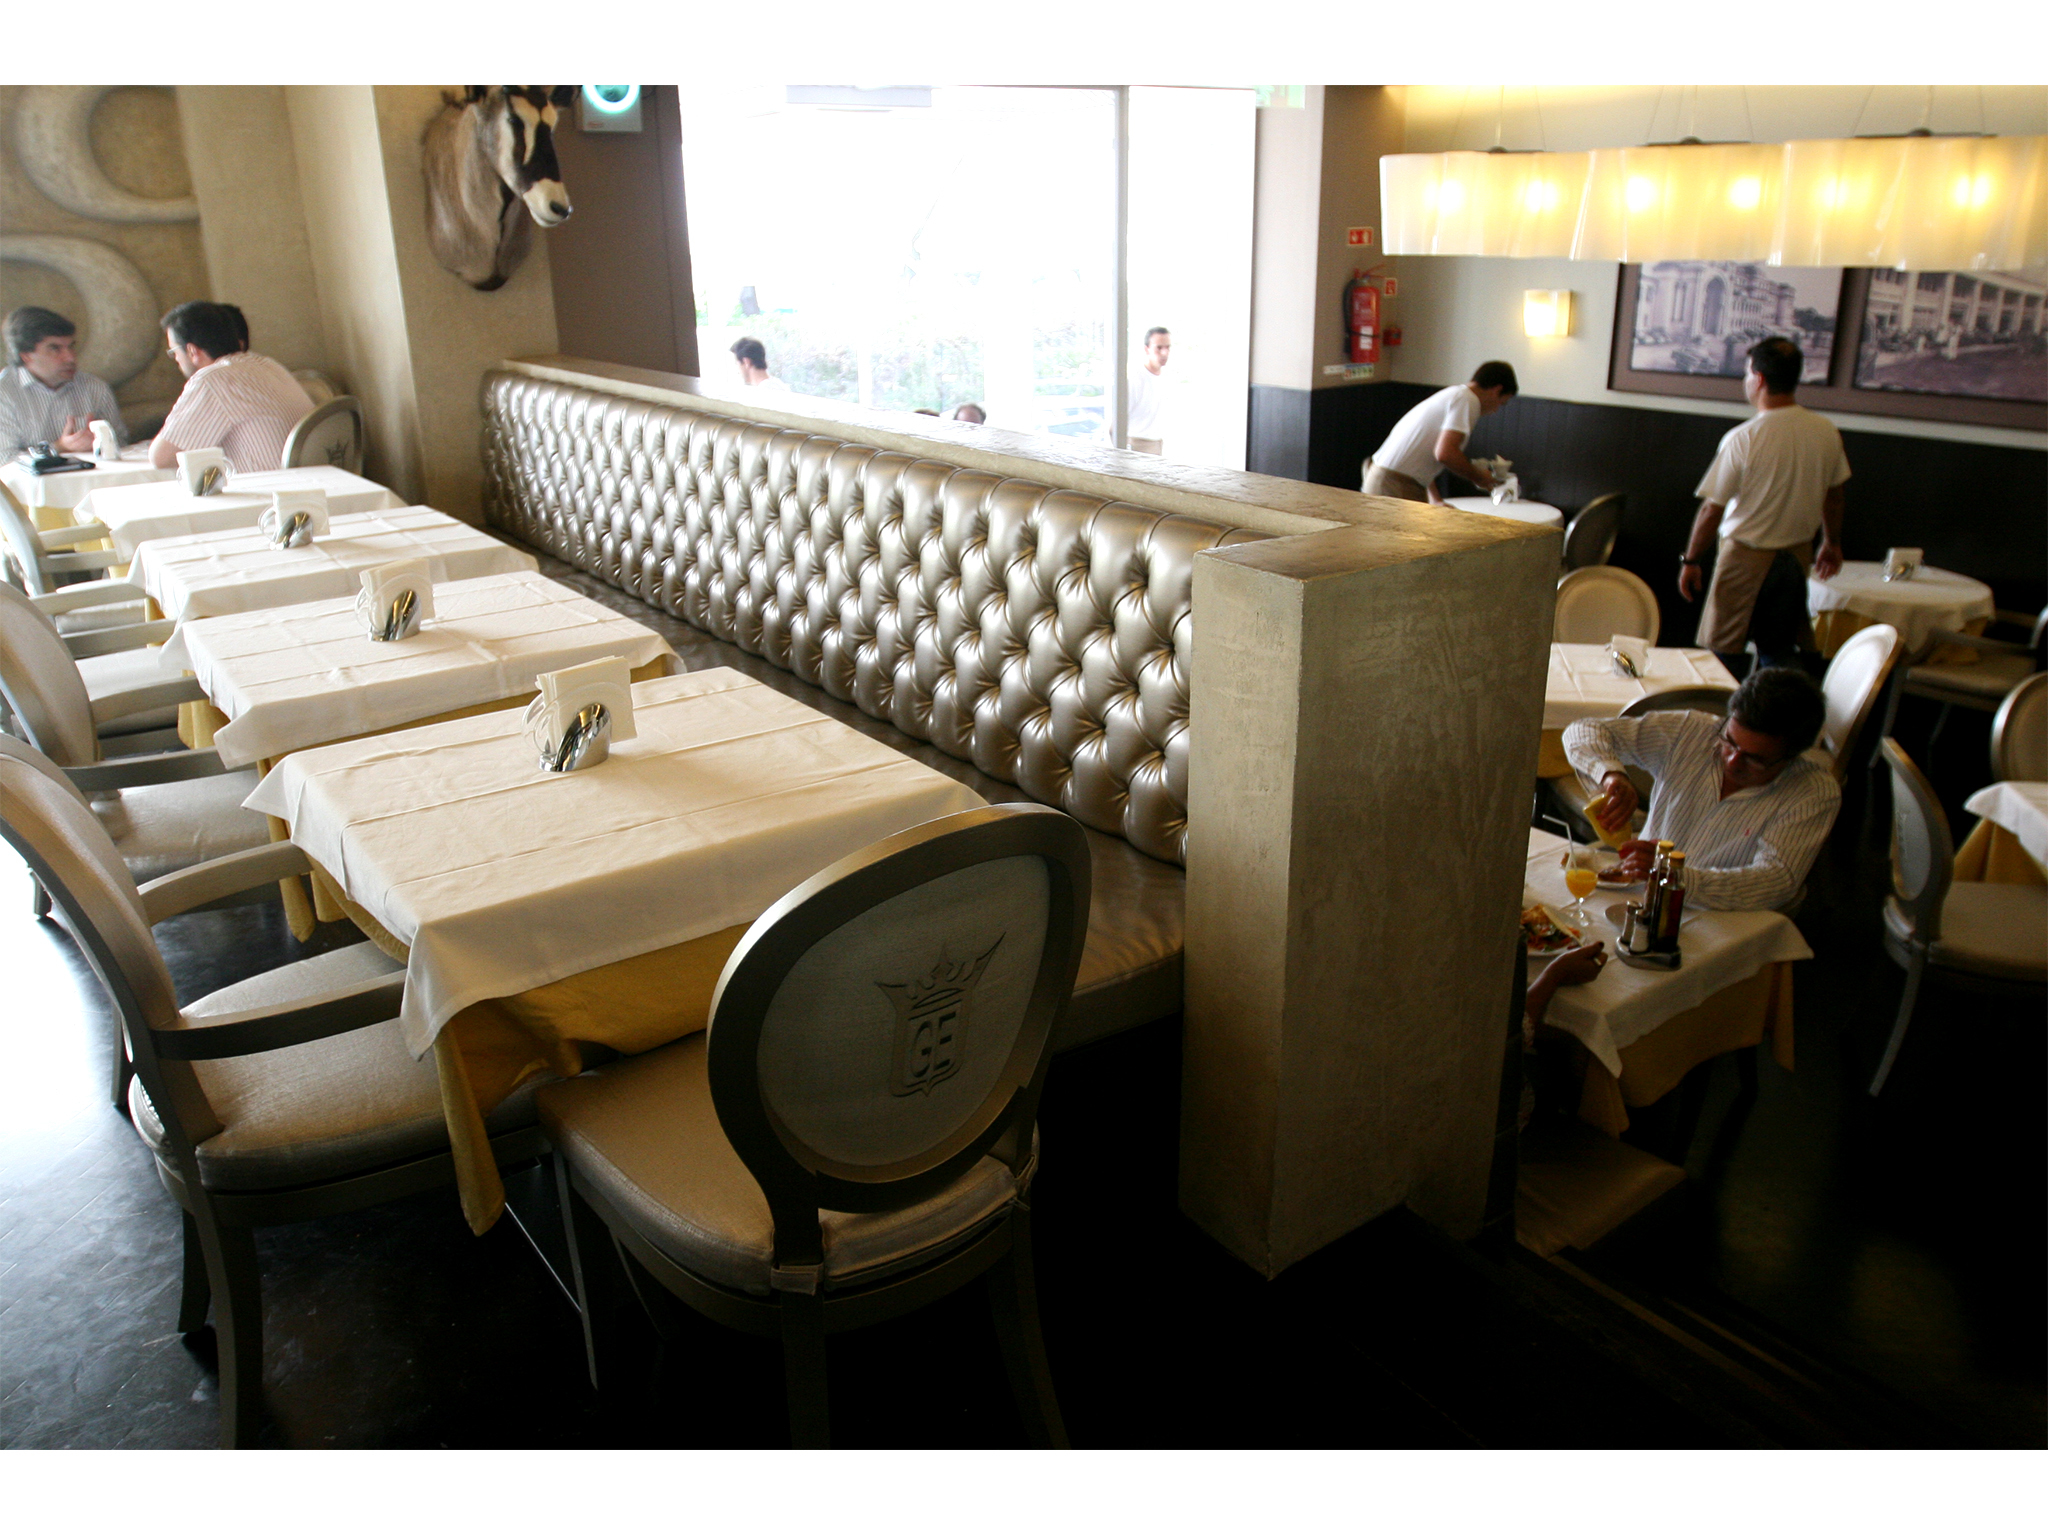 Restaurante, Pastelaria, Cascais, Garrett